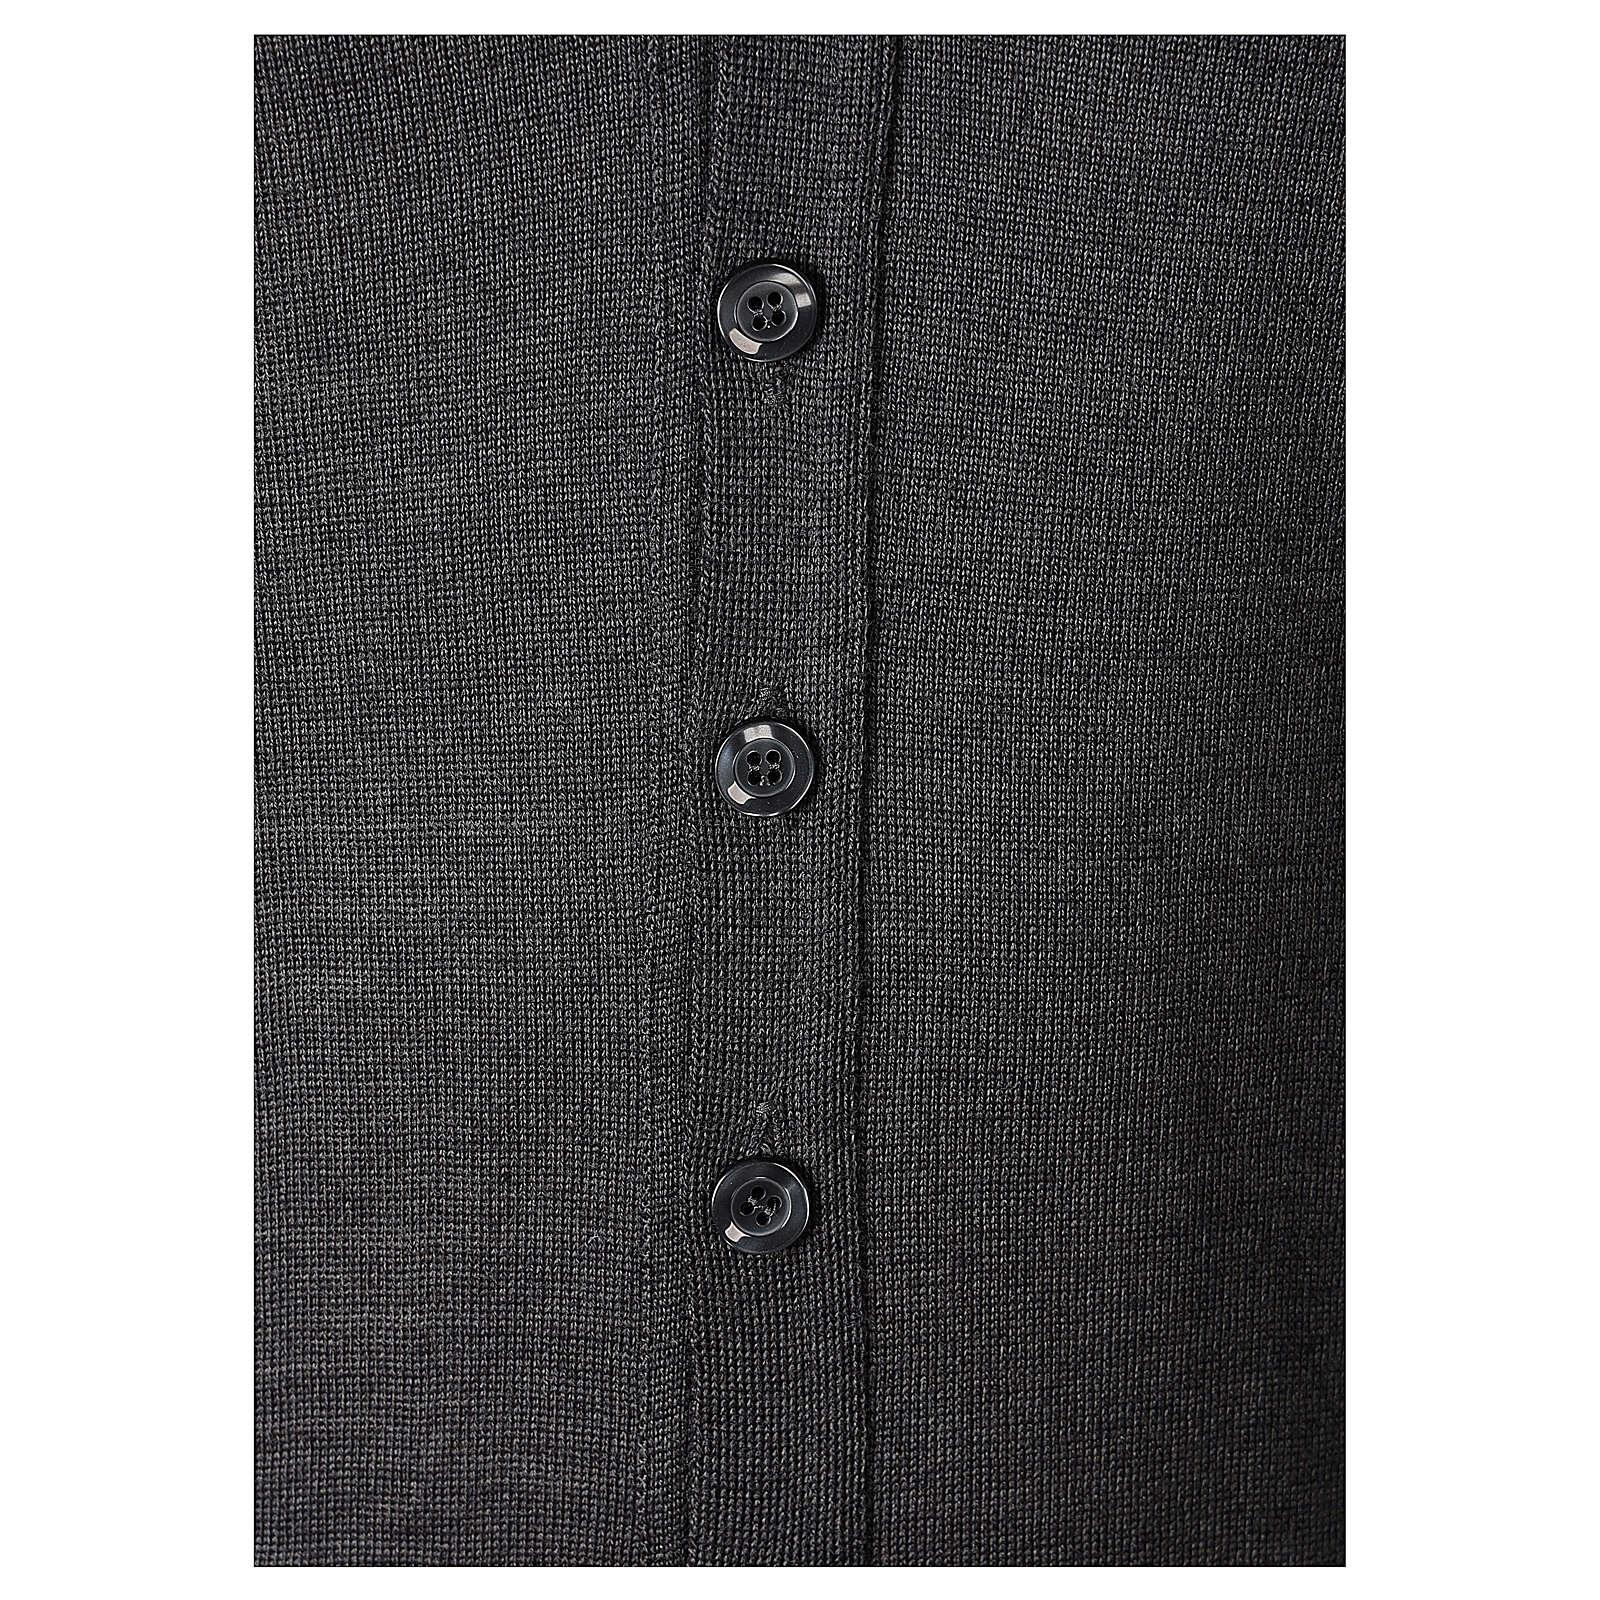 Casaco de malha sacerdote antracite tricô plano 50% lã de merino 50% acrílico In Primis 4